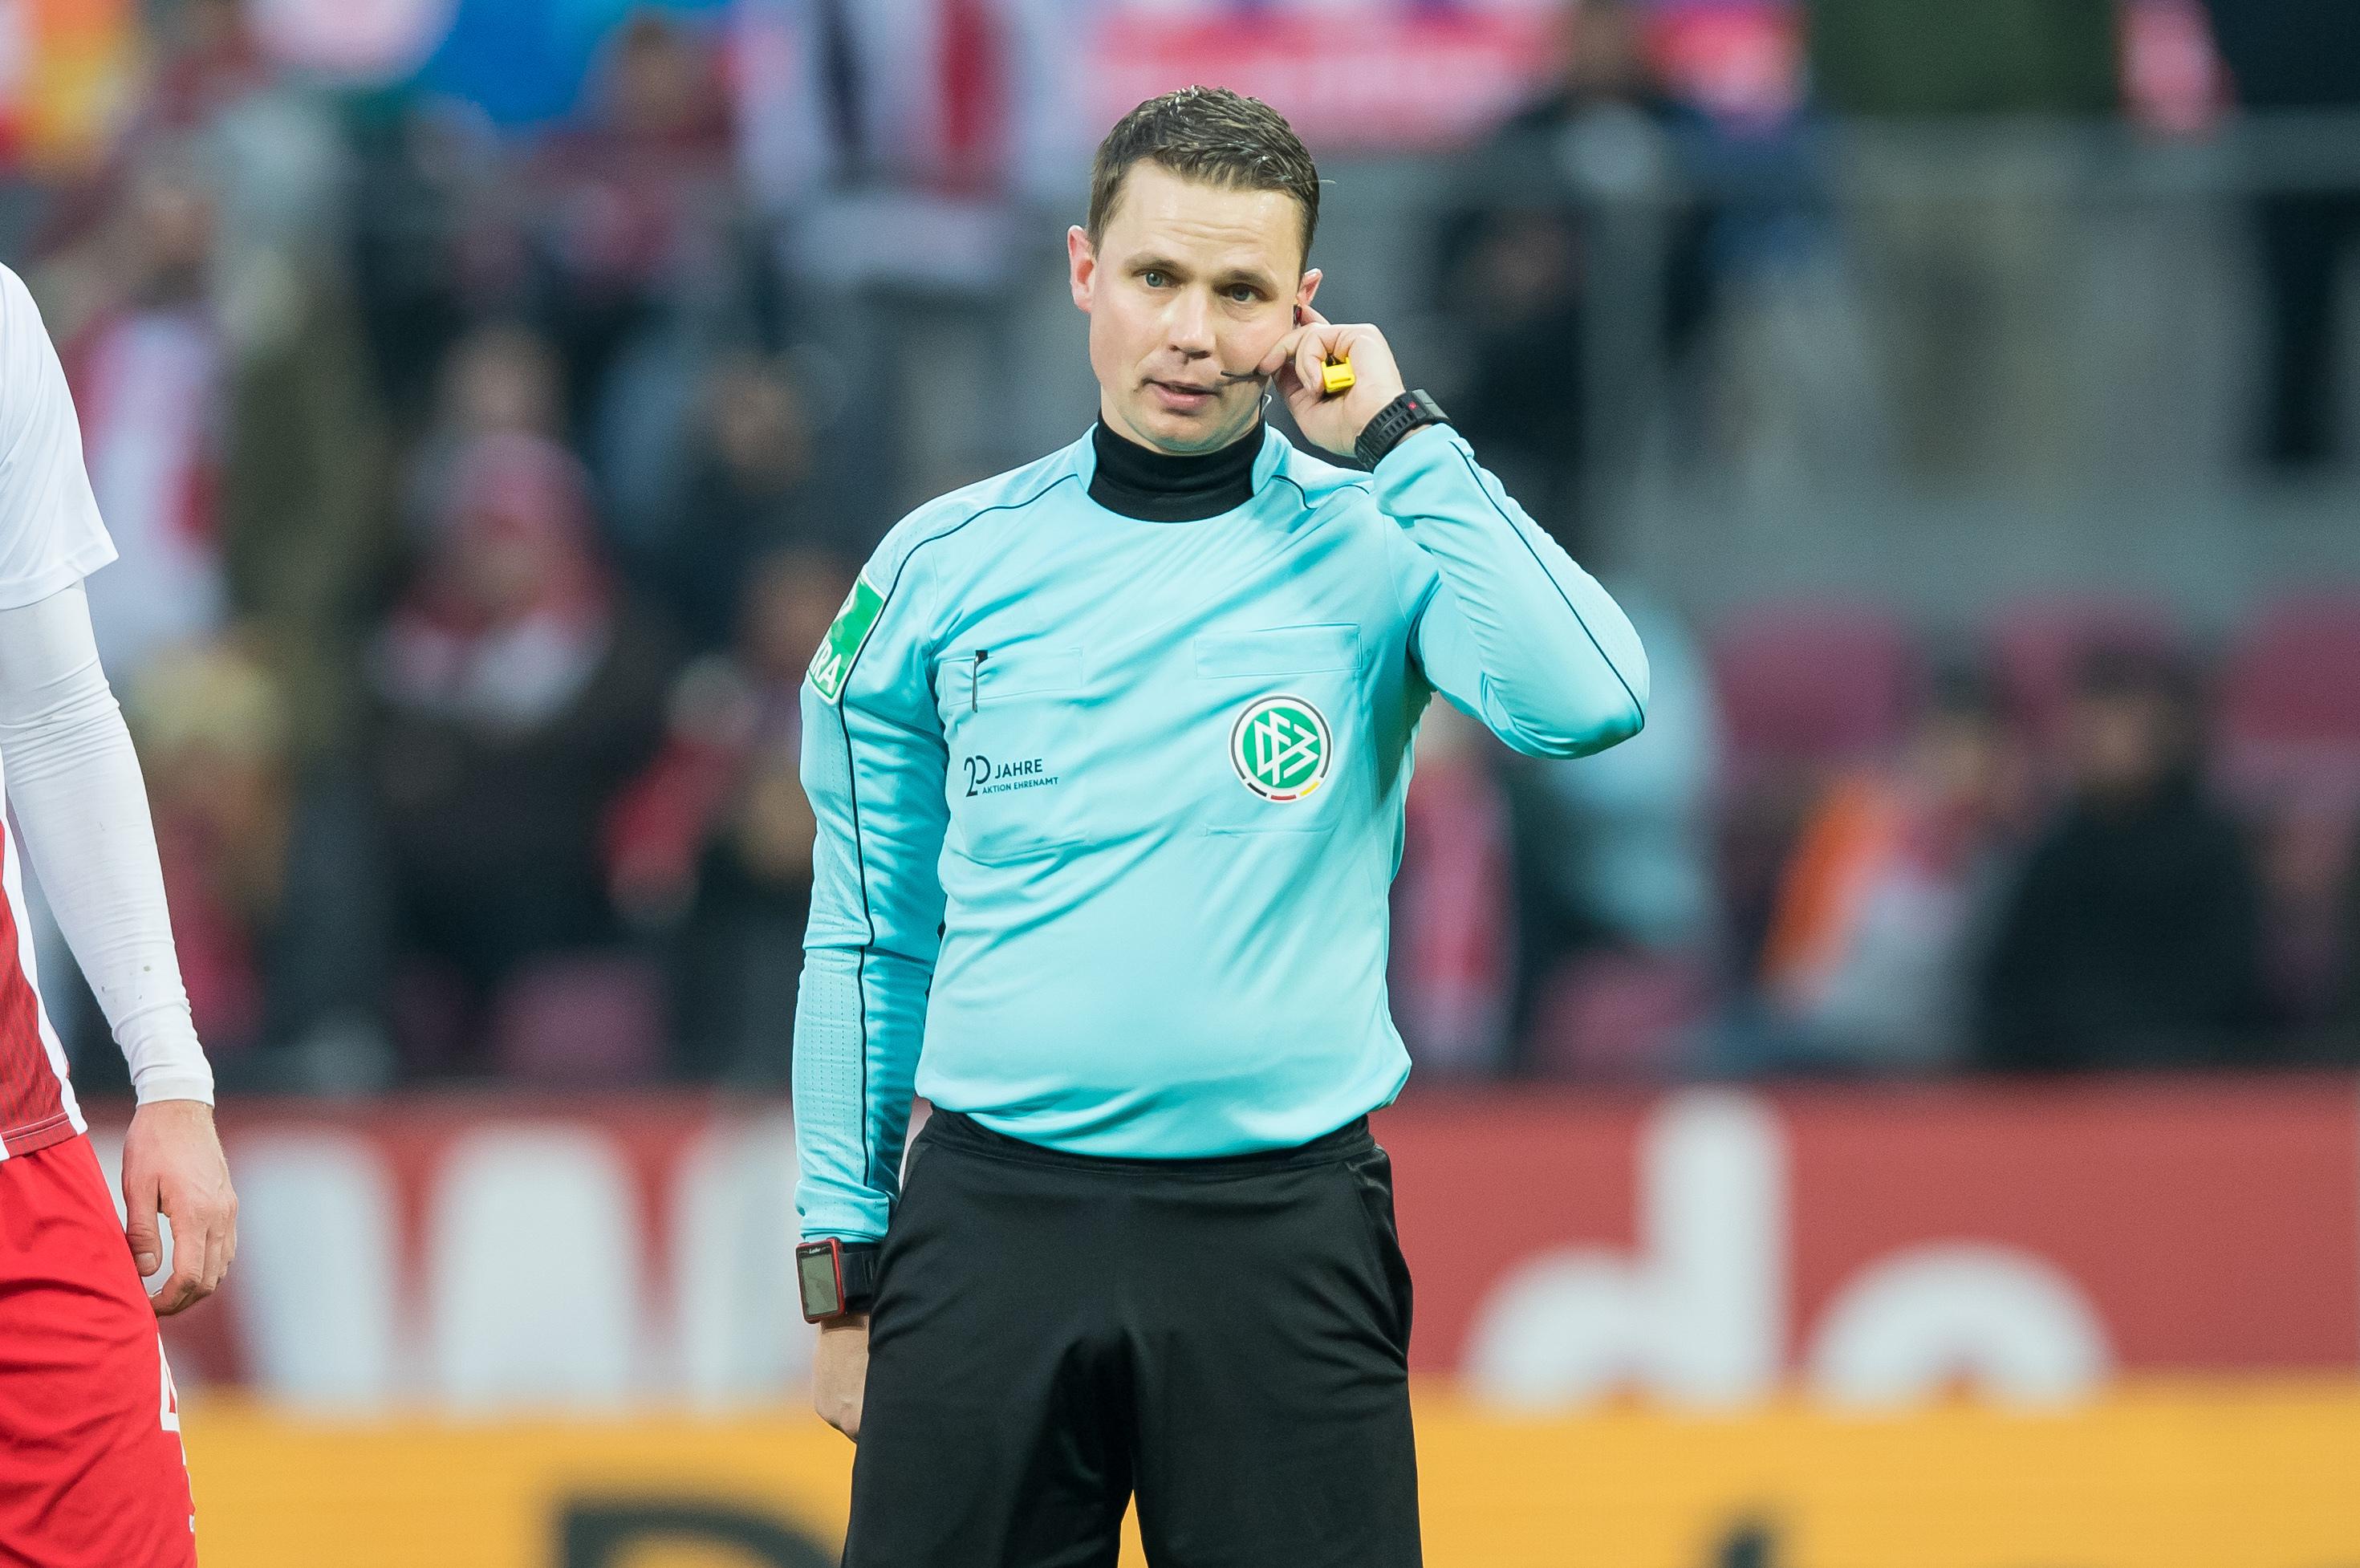 Schiedsrichter Robert Kampka darf am Wochenende nicht als Vierter Offizieller agieren.